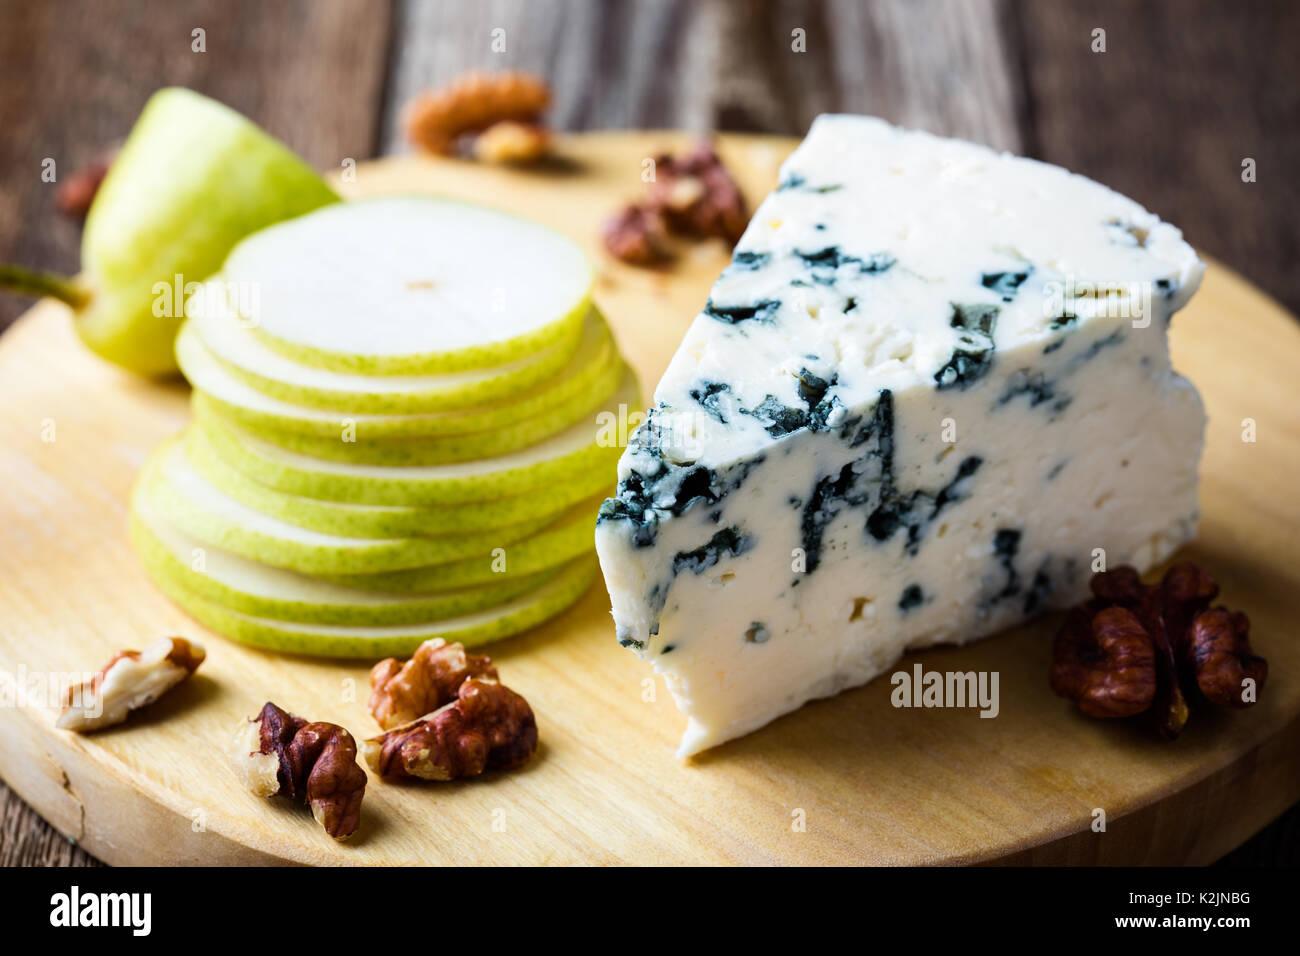 Tabla de quesos. Queso azul con peras frescas sobre placa de madera rústica Imagen De Stock